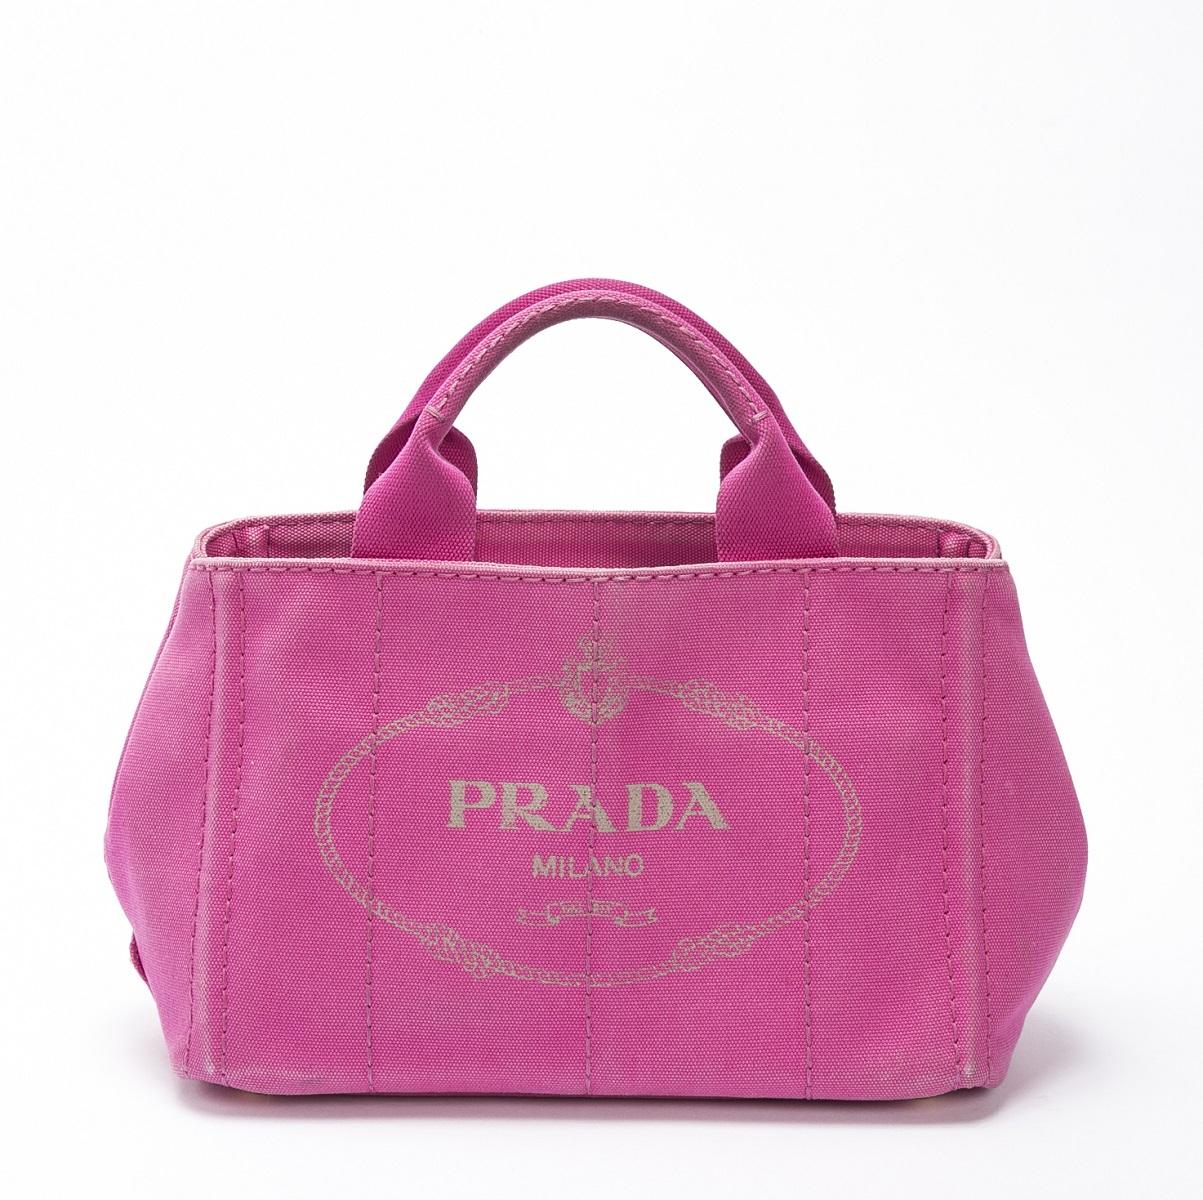 PRADA プラダ カナパ トートバッグ 2WAY ショルダーバッグ ハンドバッグ キャンバス ピンク 【トレジャースポット】【中古】